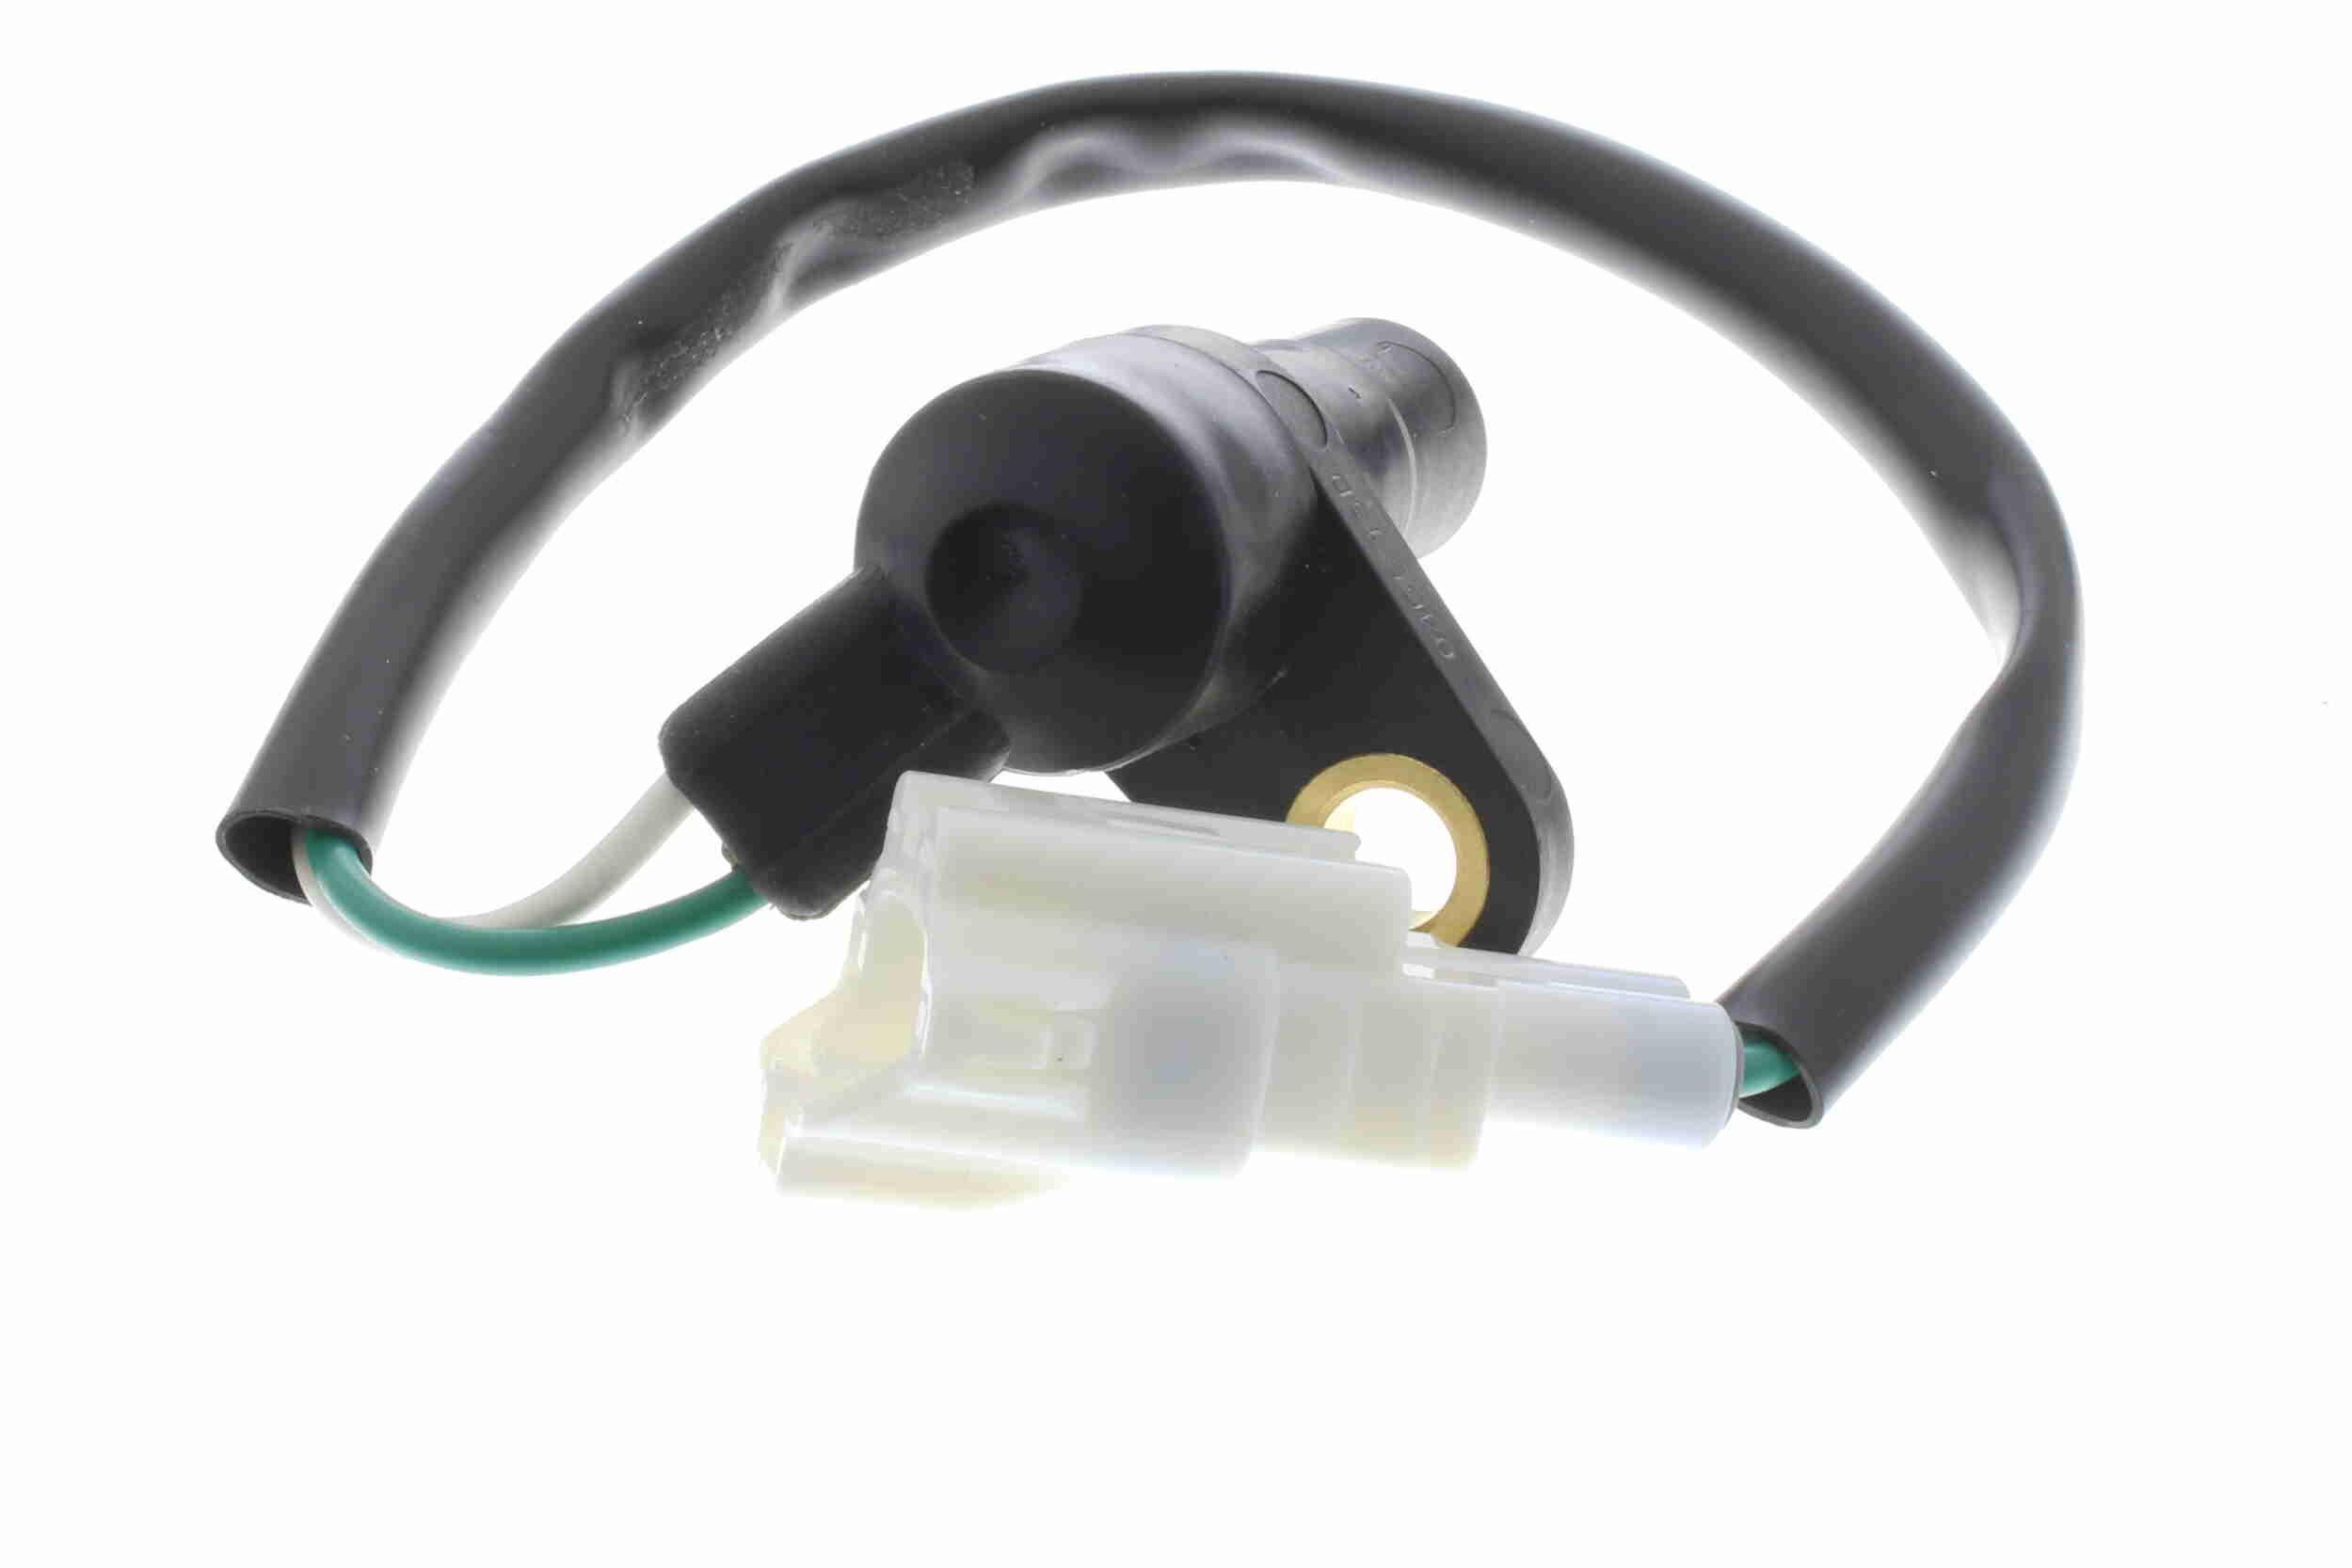 Drehzahlsensor, Motormanagement V70-72-0005 VEMO V70-72-0005 in Original Qualität